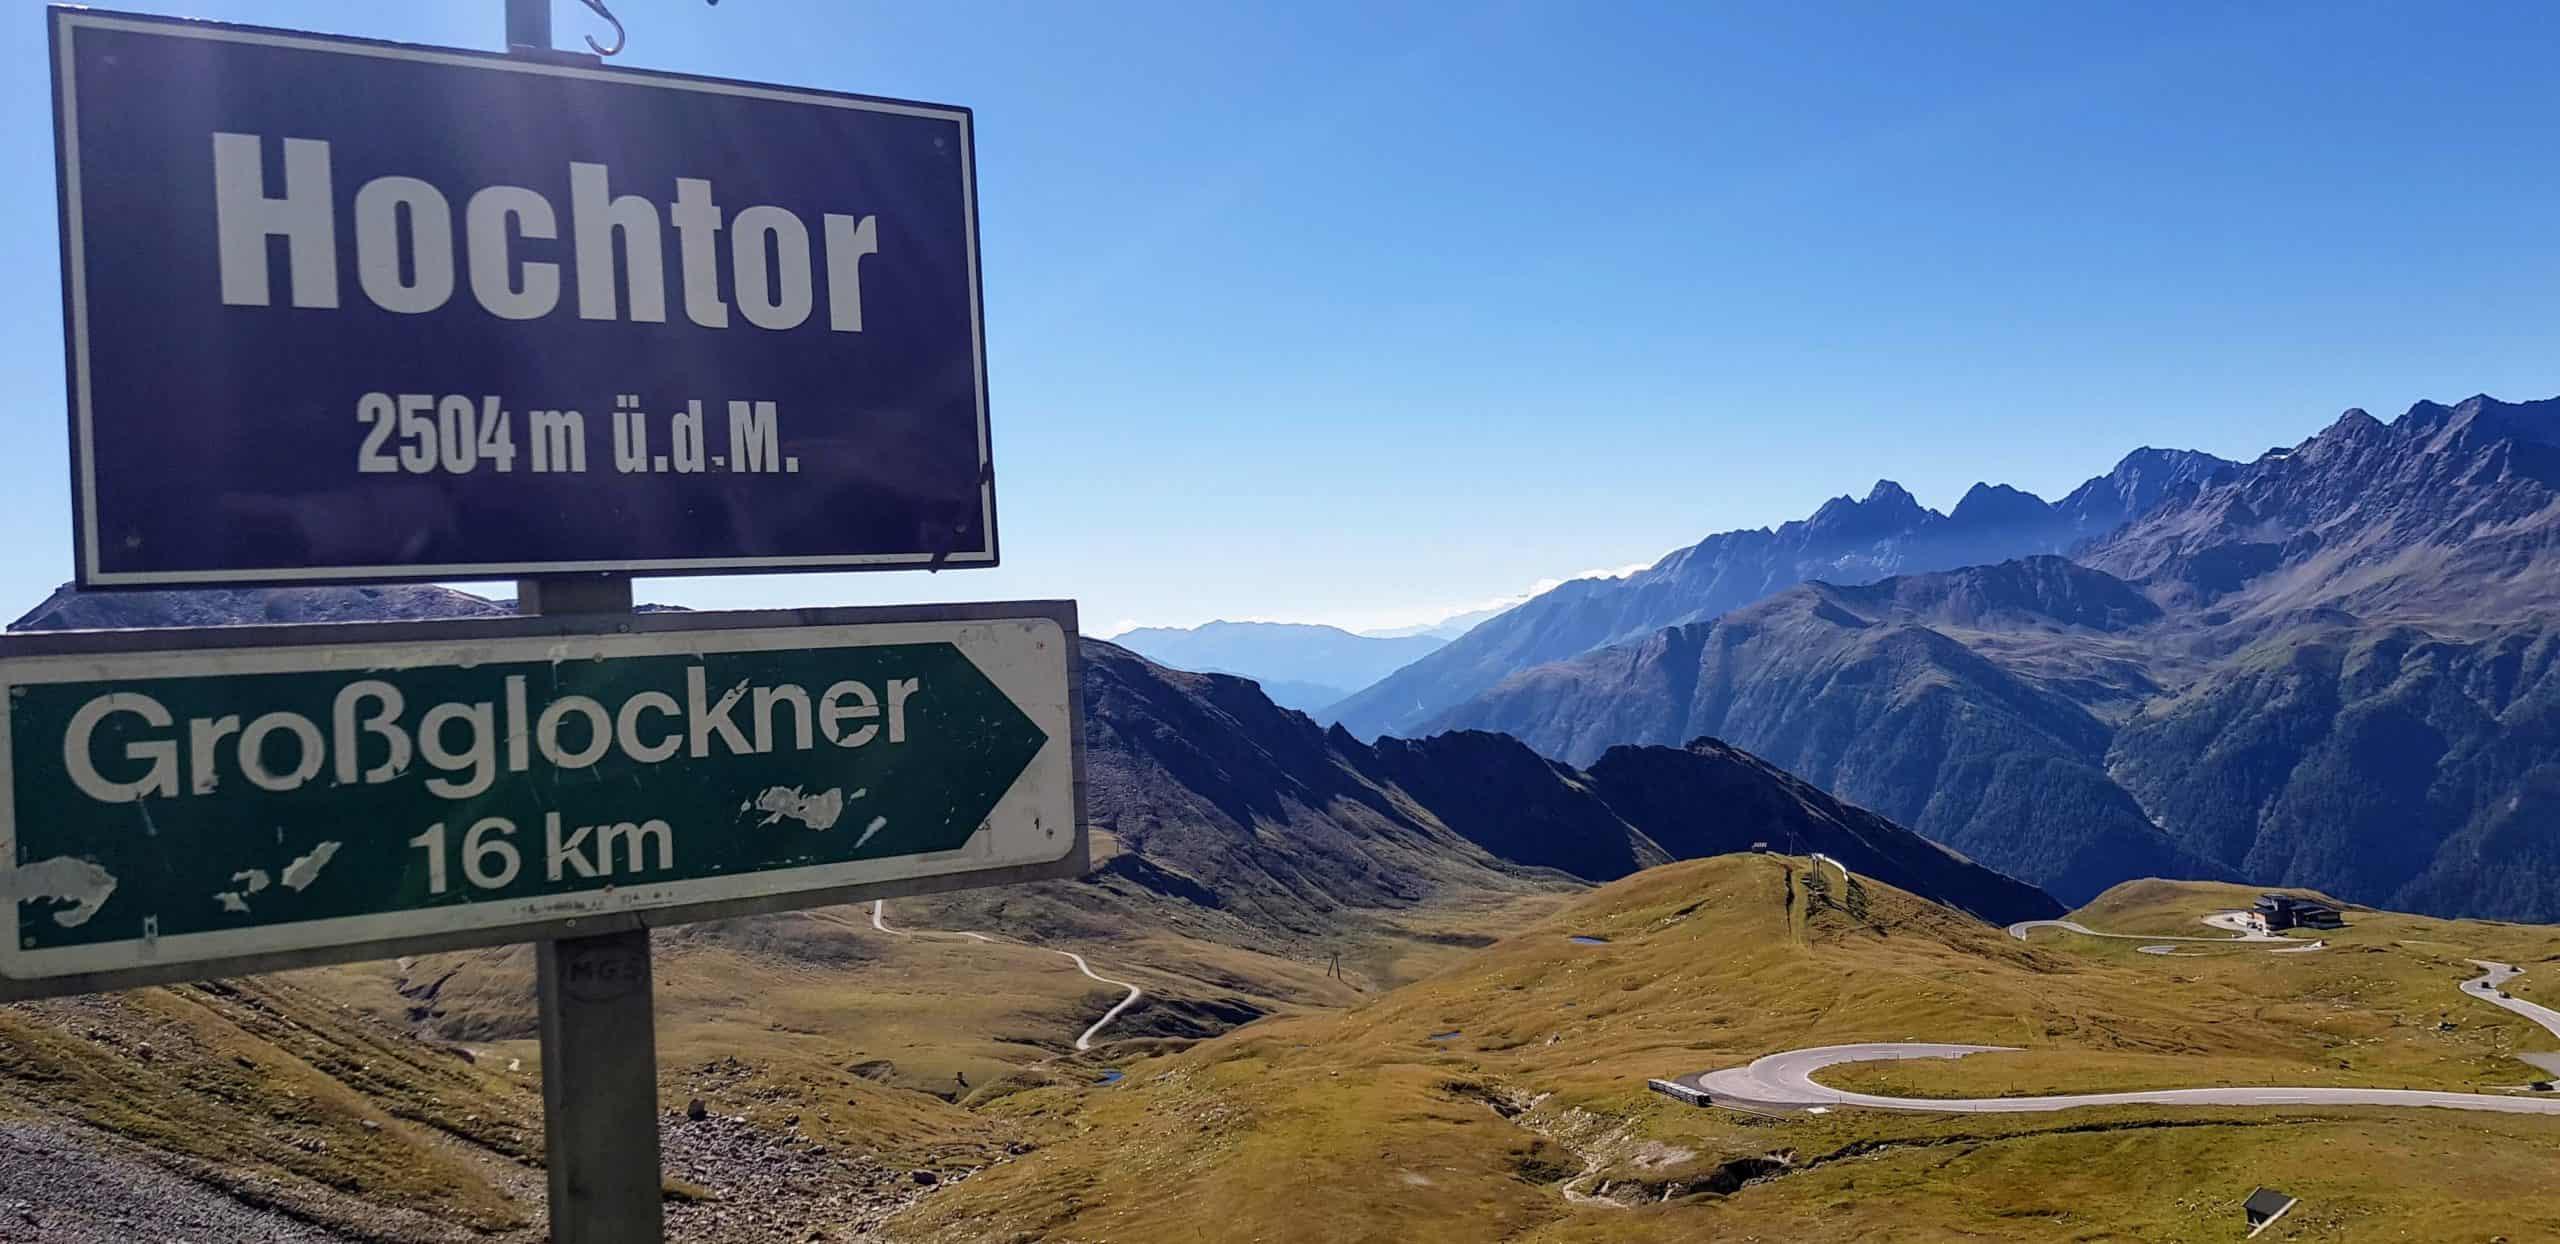 Schild Hochtor bei Großglockner Hochalpenstraße mit Bergen von Nationalpark Hohe Tauern in Österreich